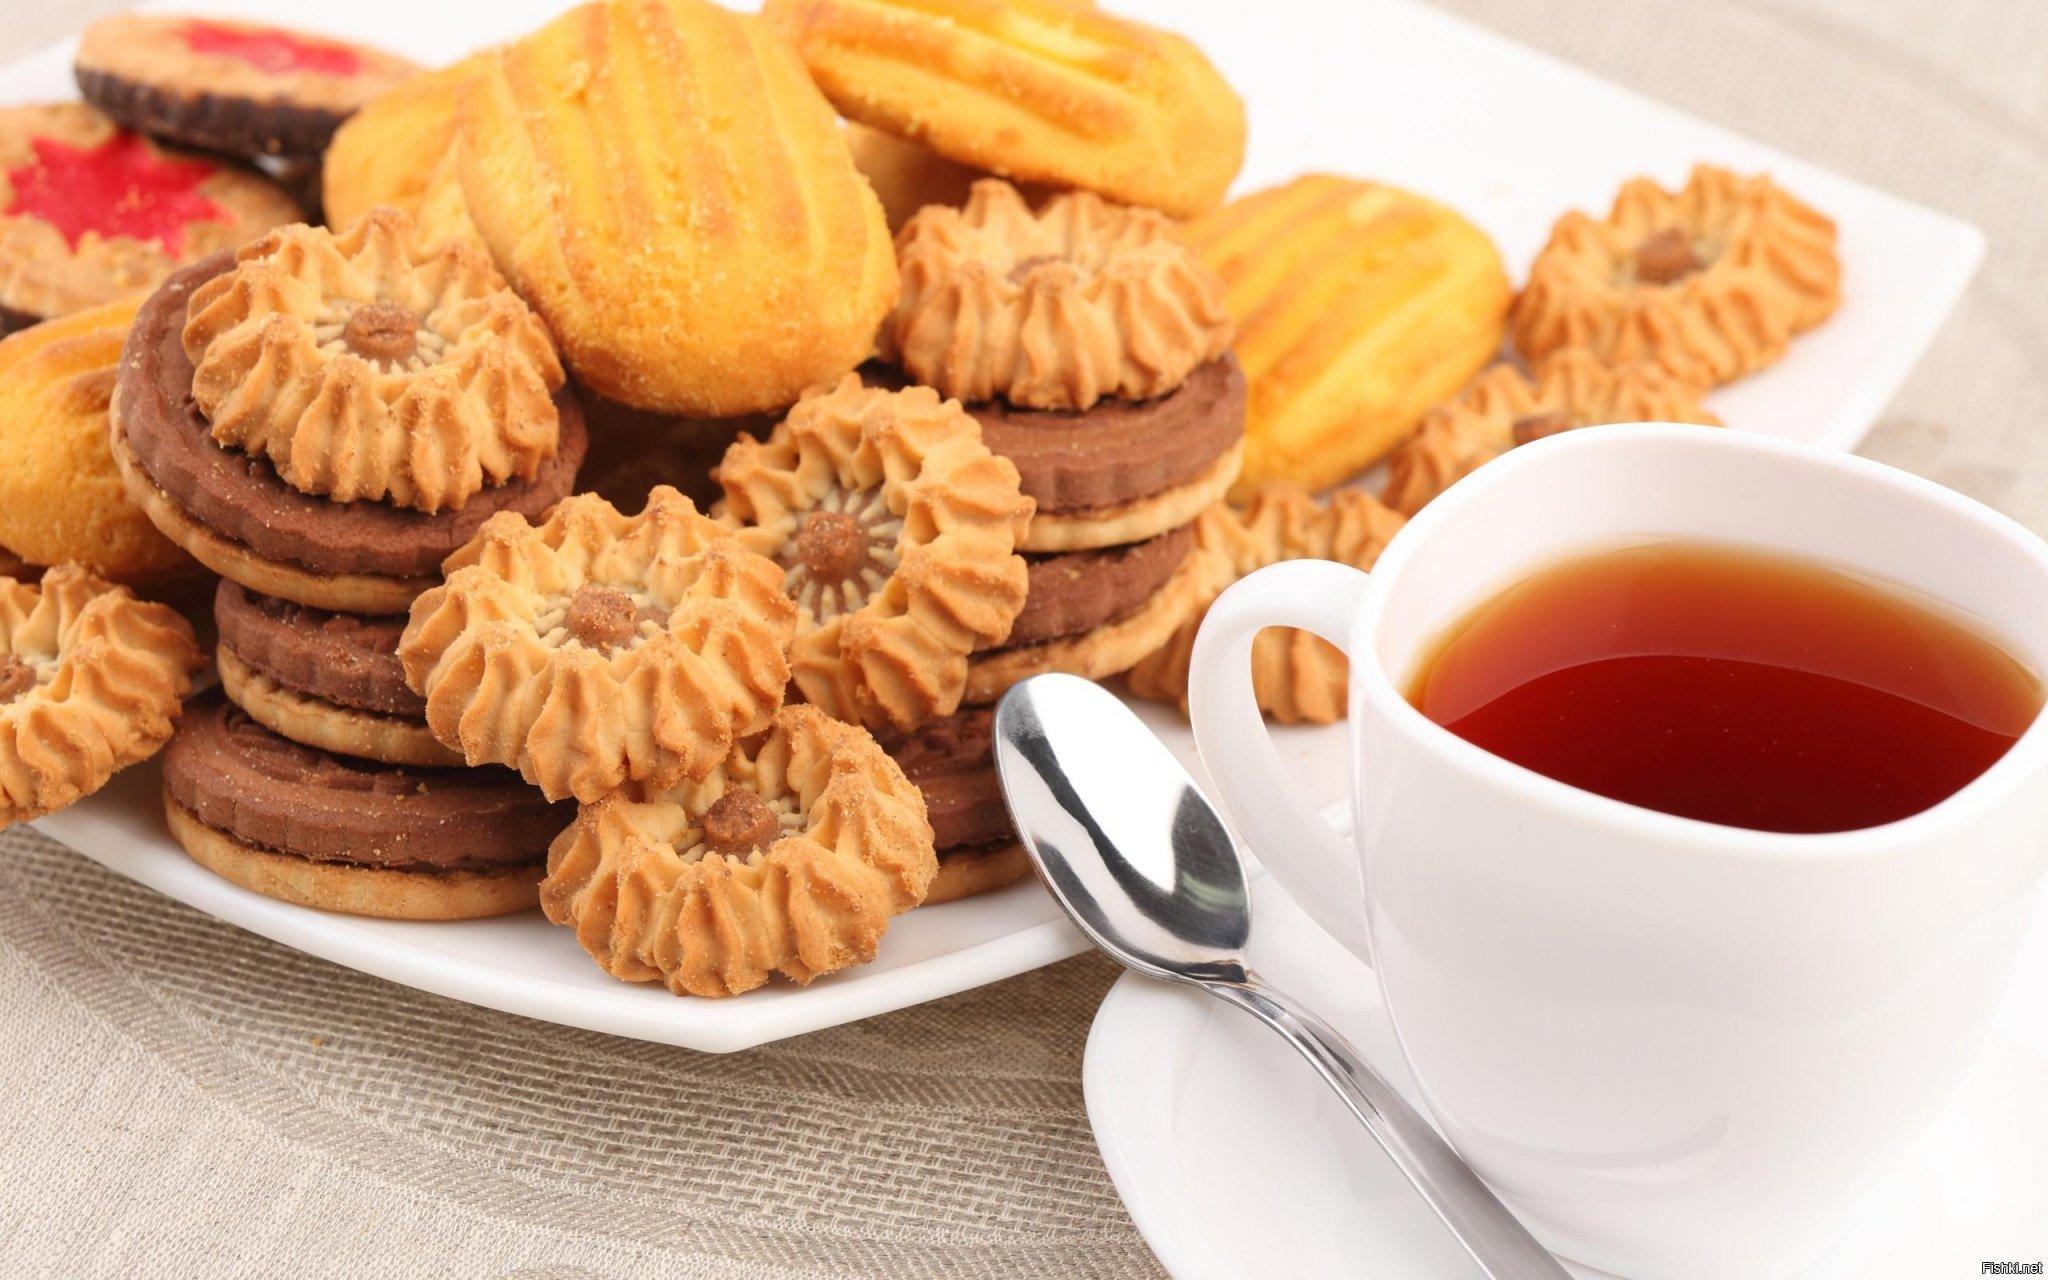 является красивая картинка с чаем и печеньки же